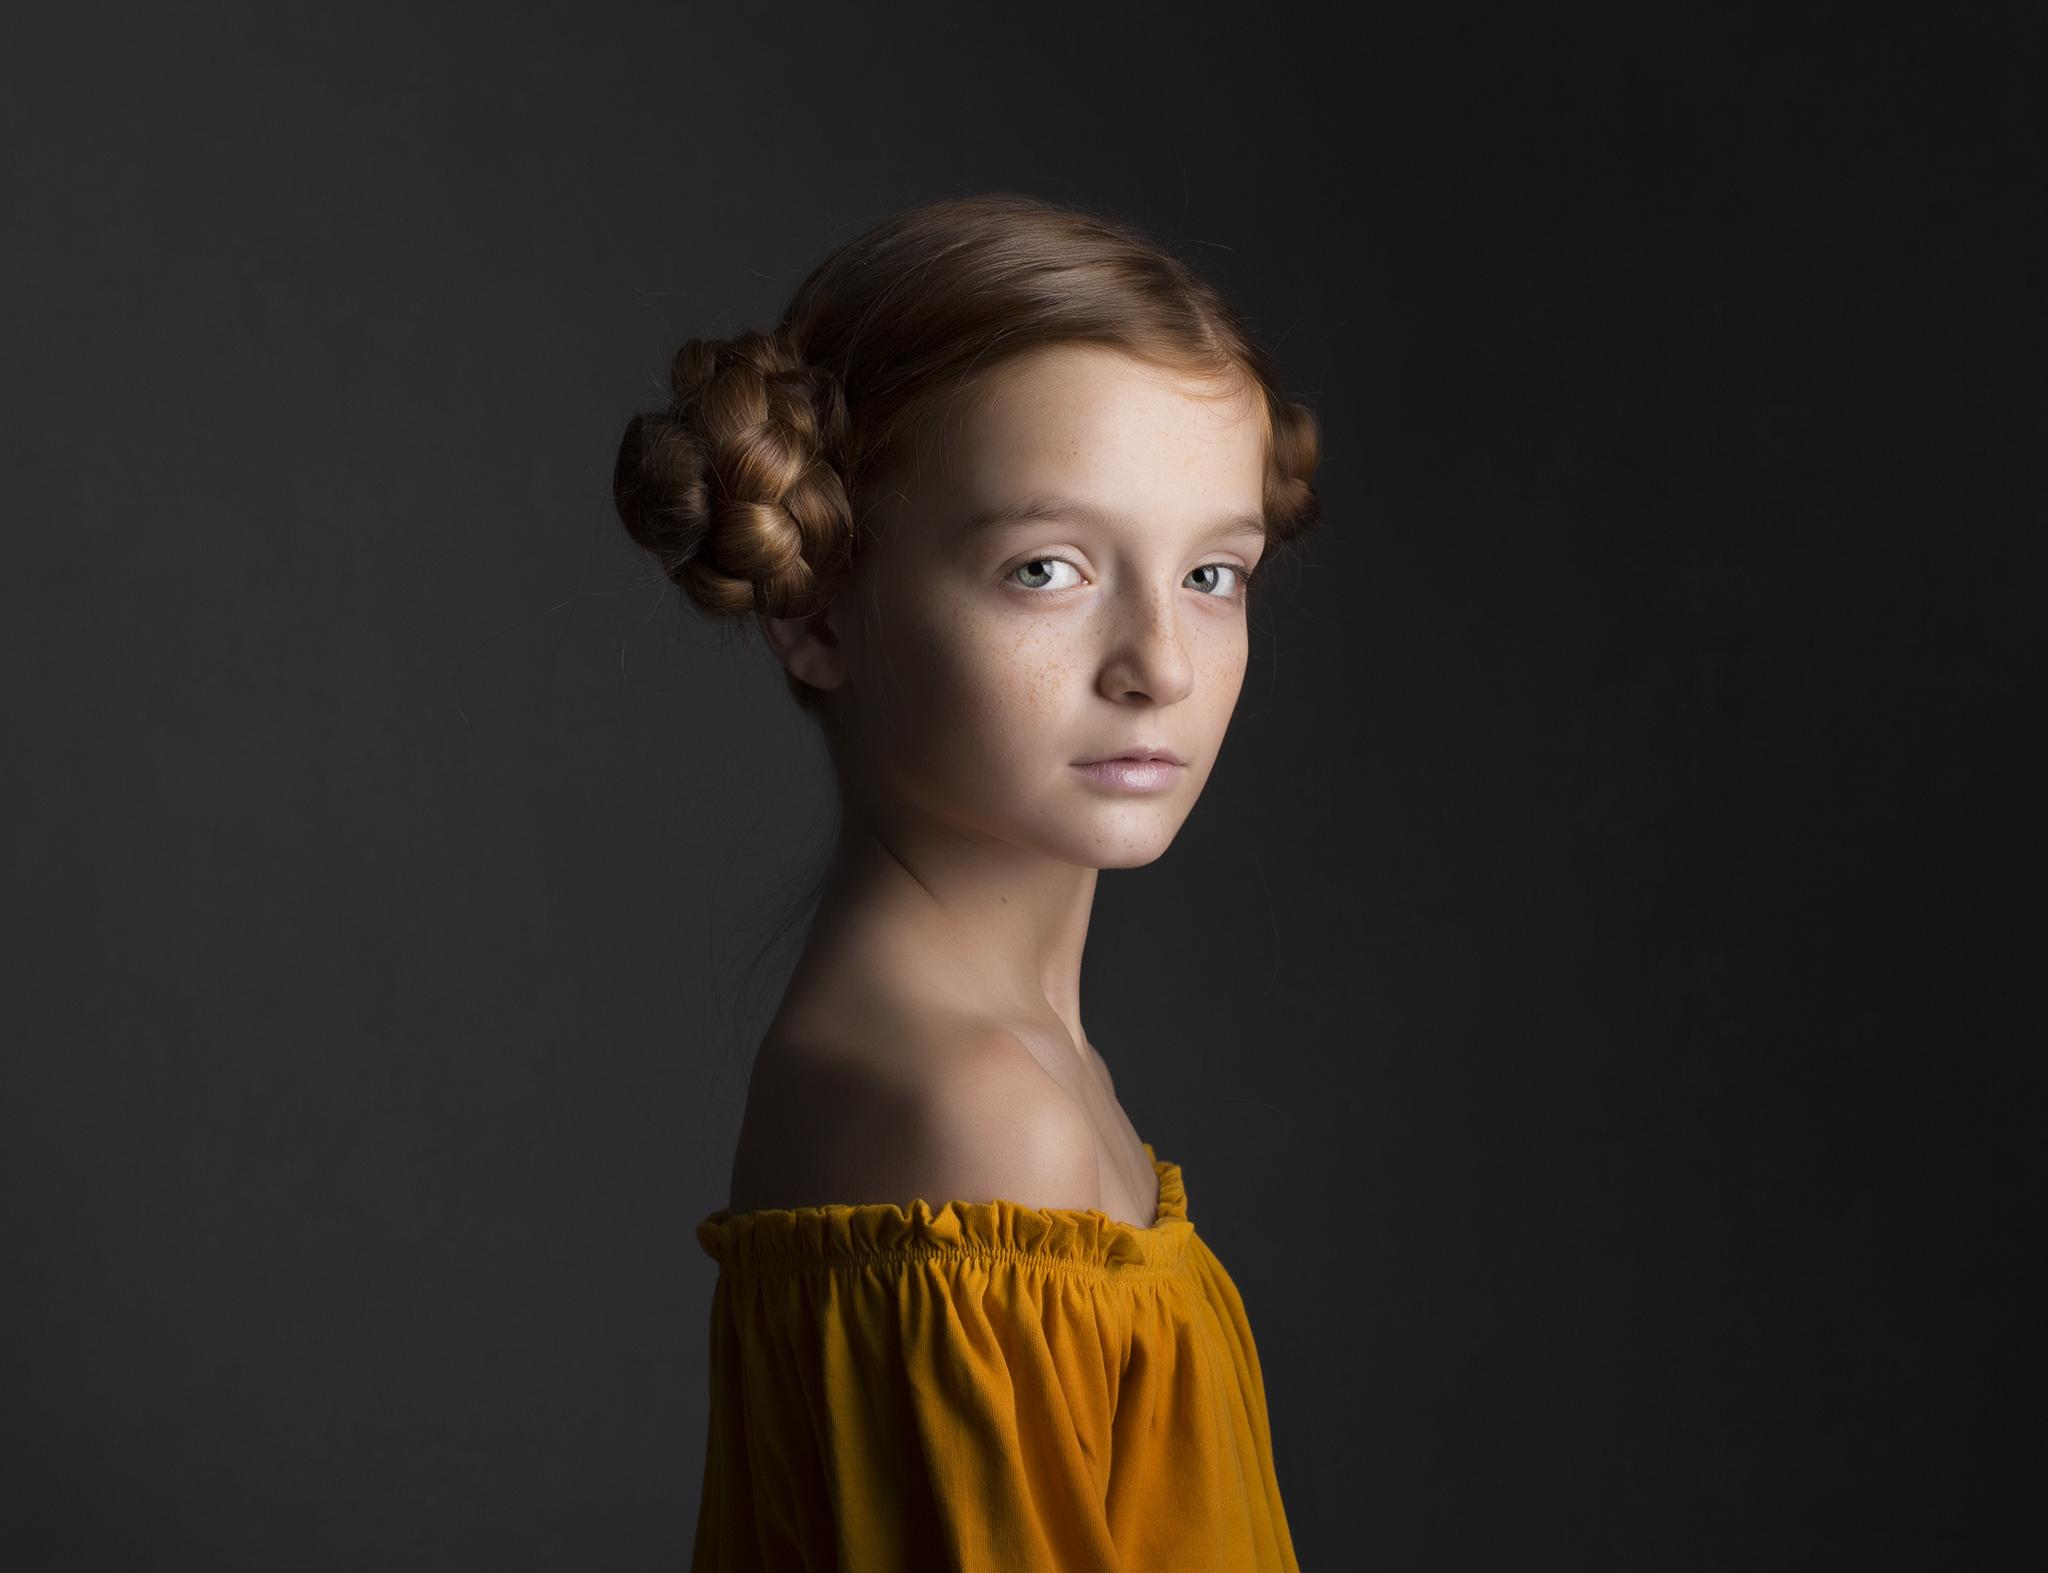 elizabethg_photography_hertfordshire_fineart_child_portrait_model_morgan_3.jpg